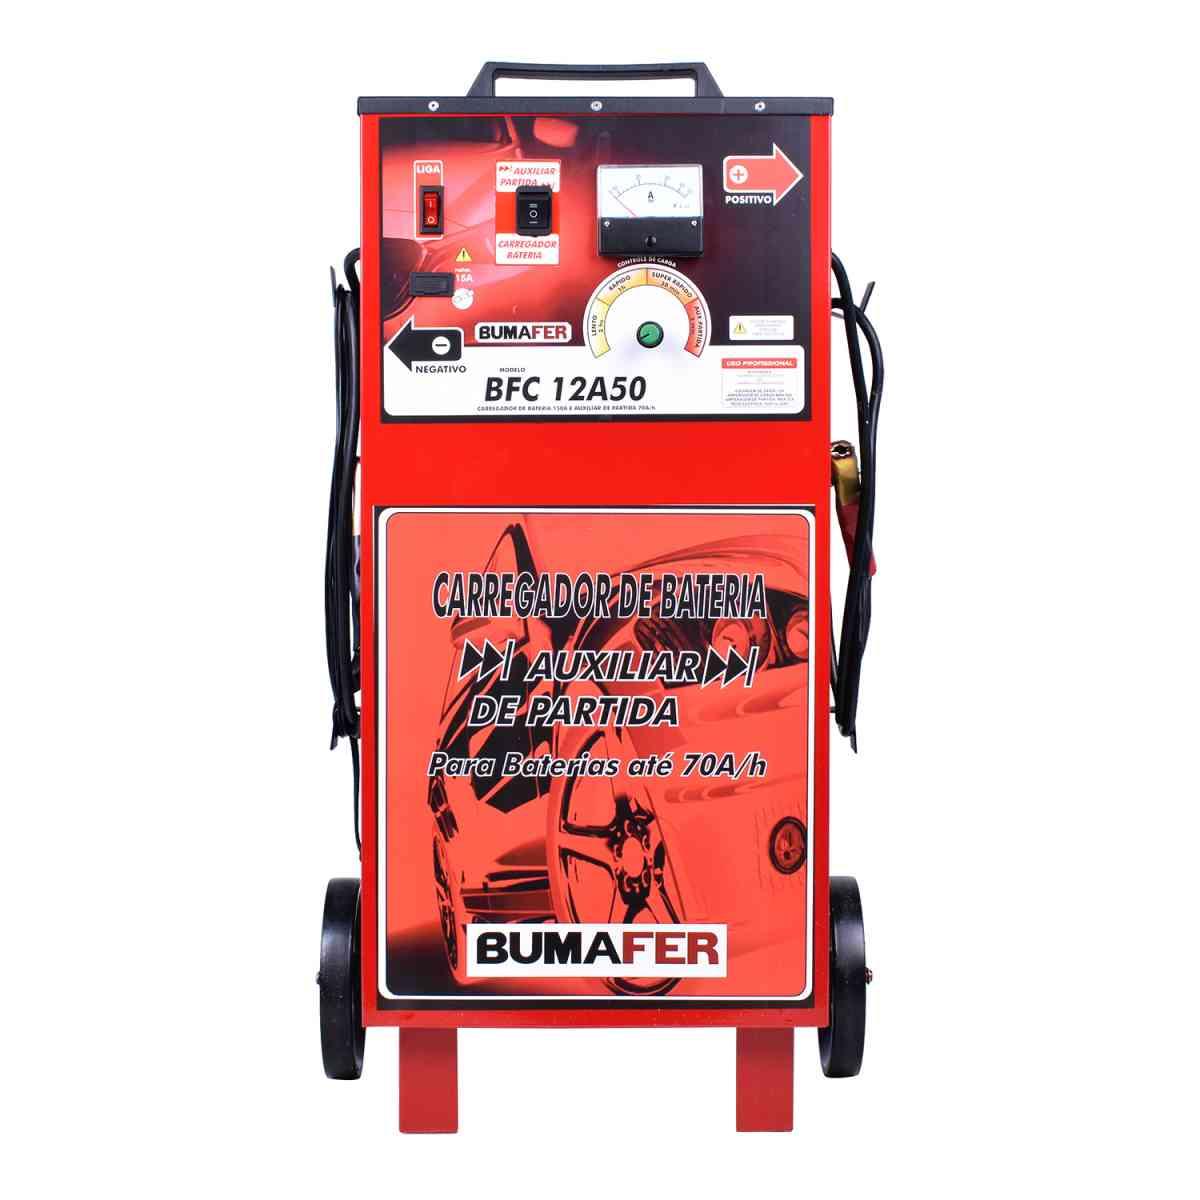 Carregador de Bateria 50 Amperes BFC12A50 Bumafer – Bivolt